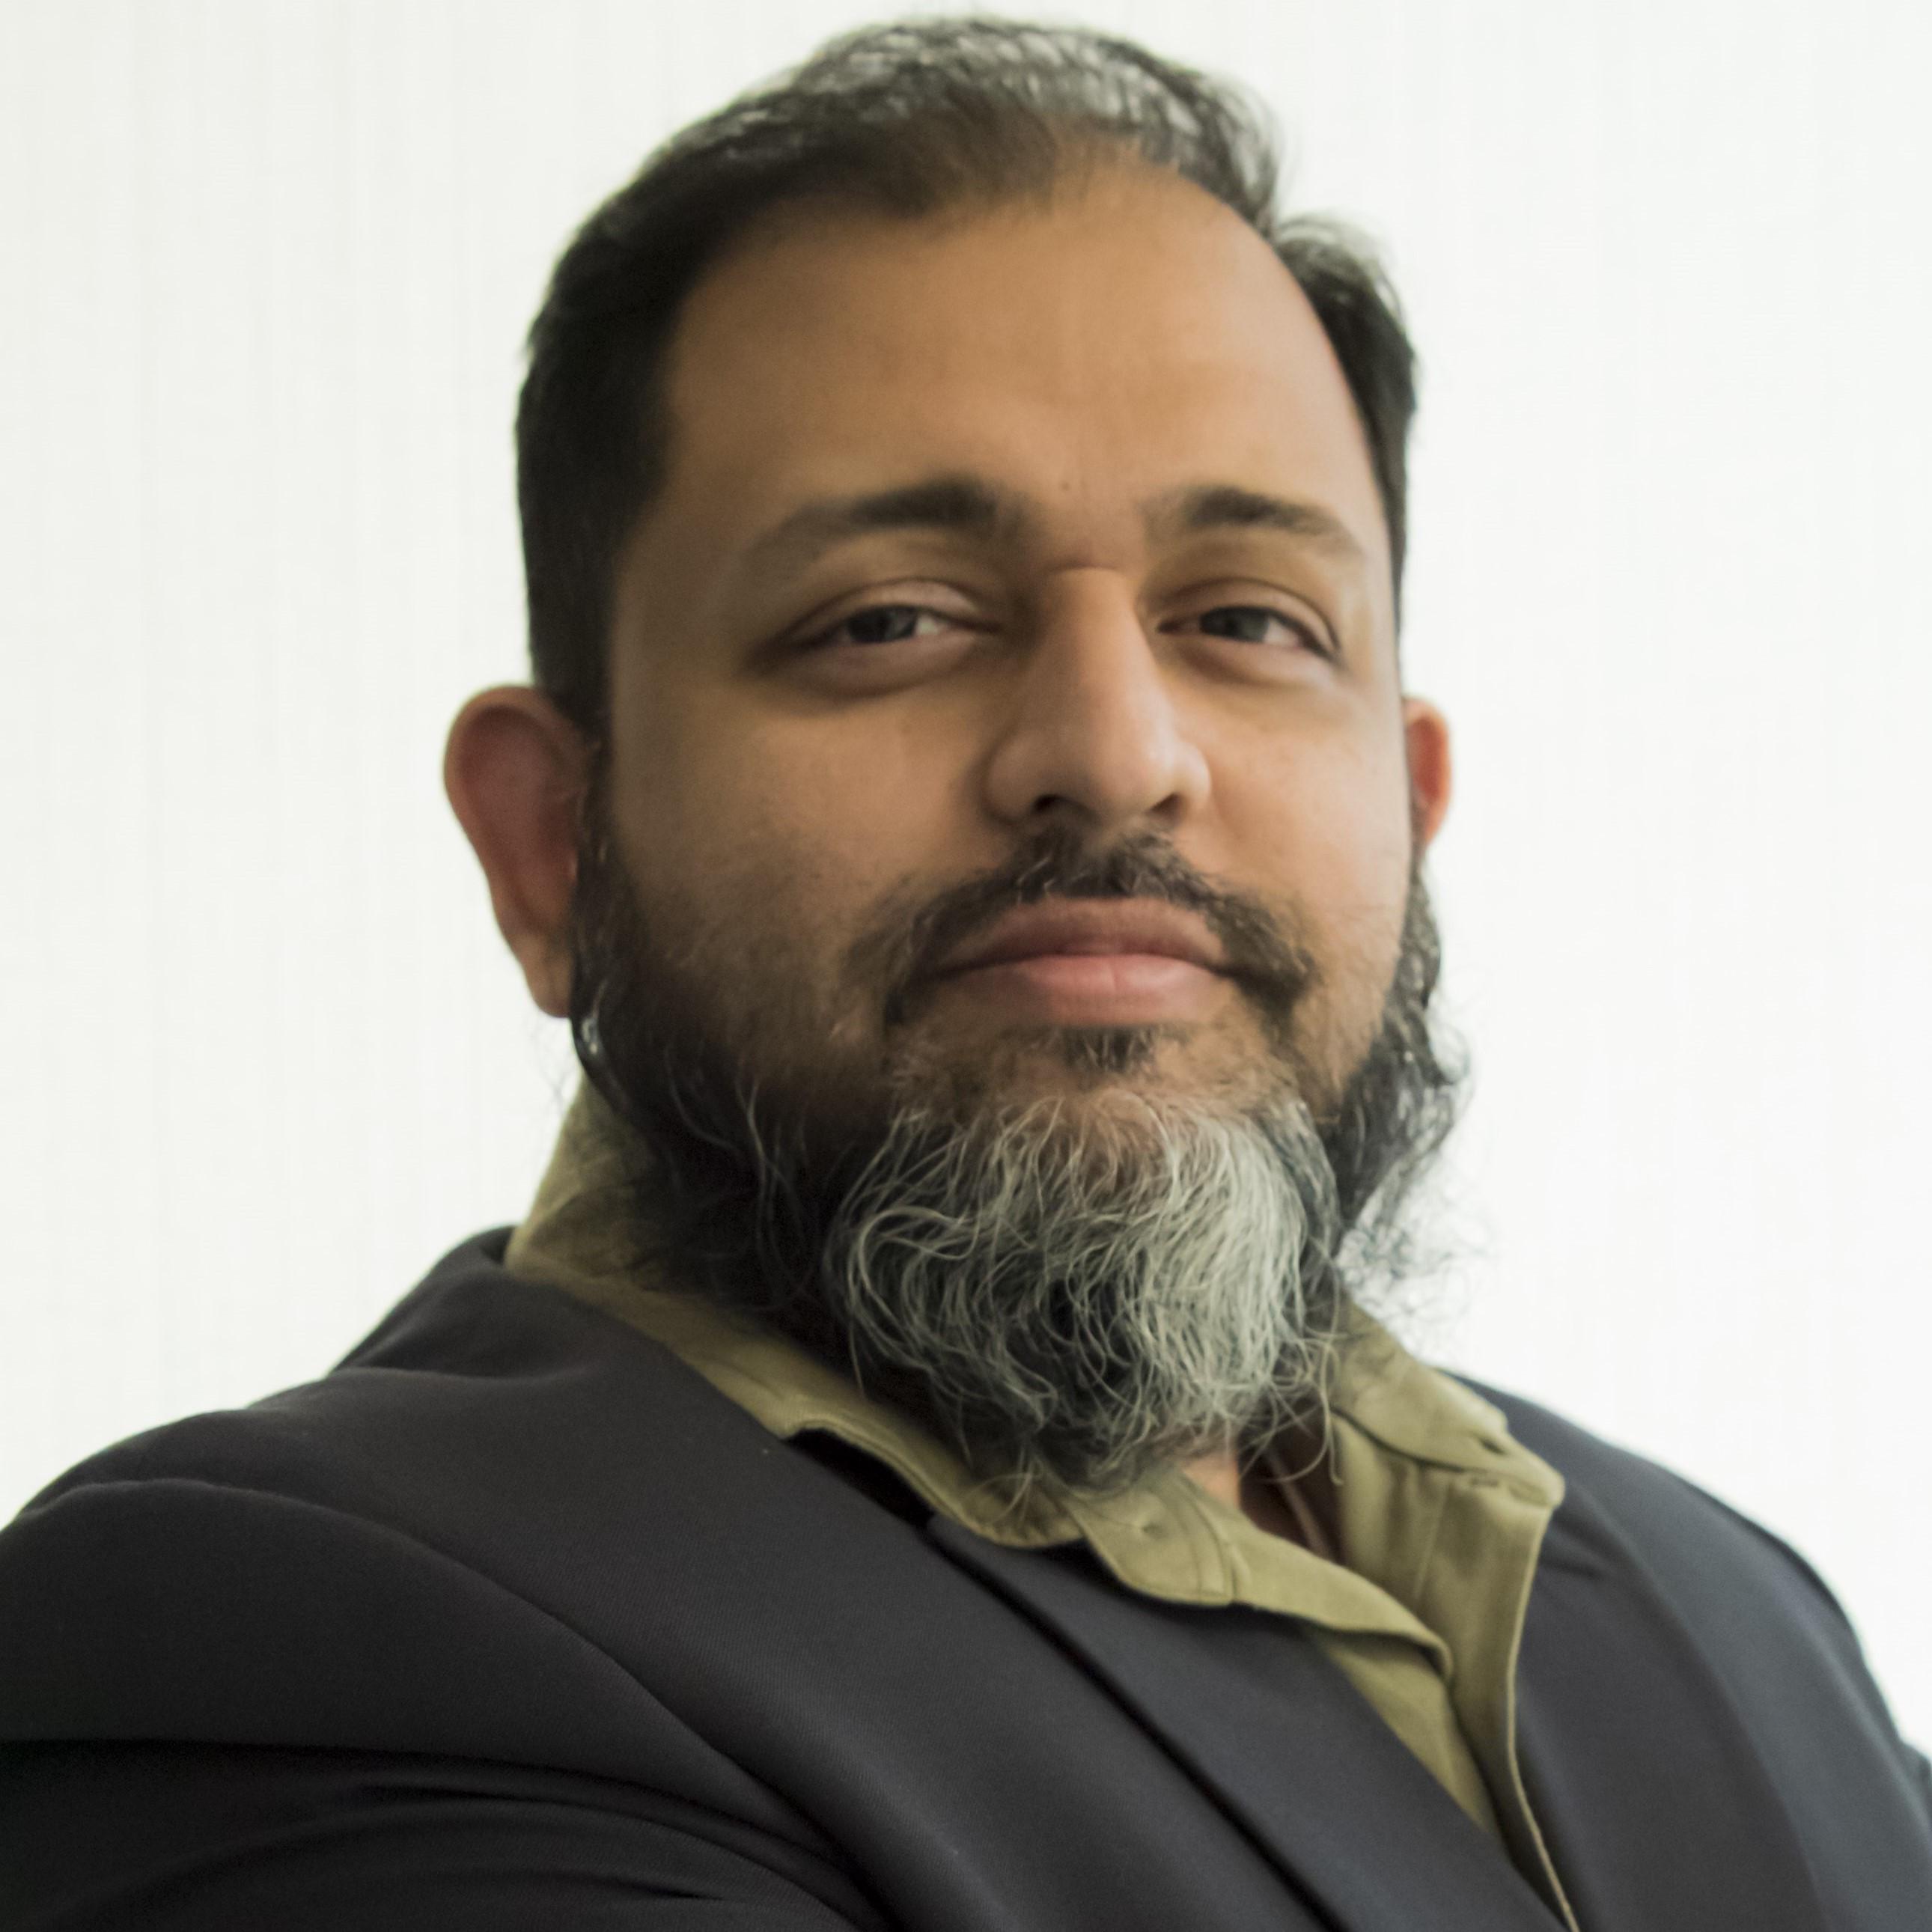 Husain Shakir